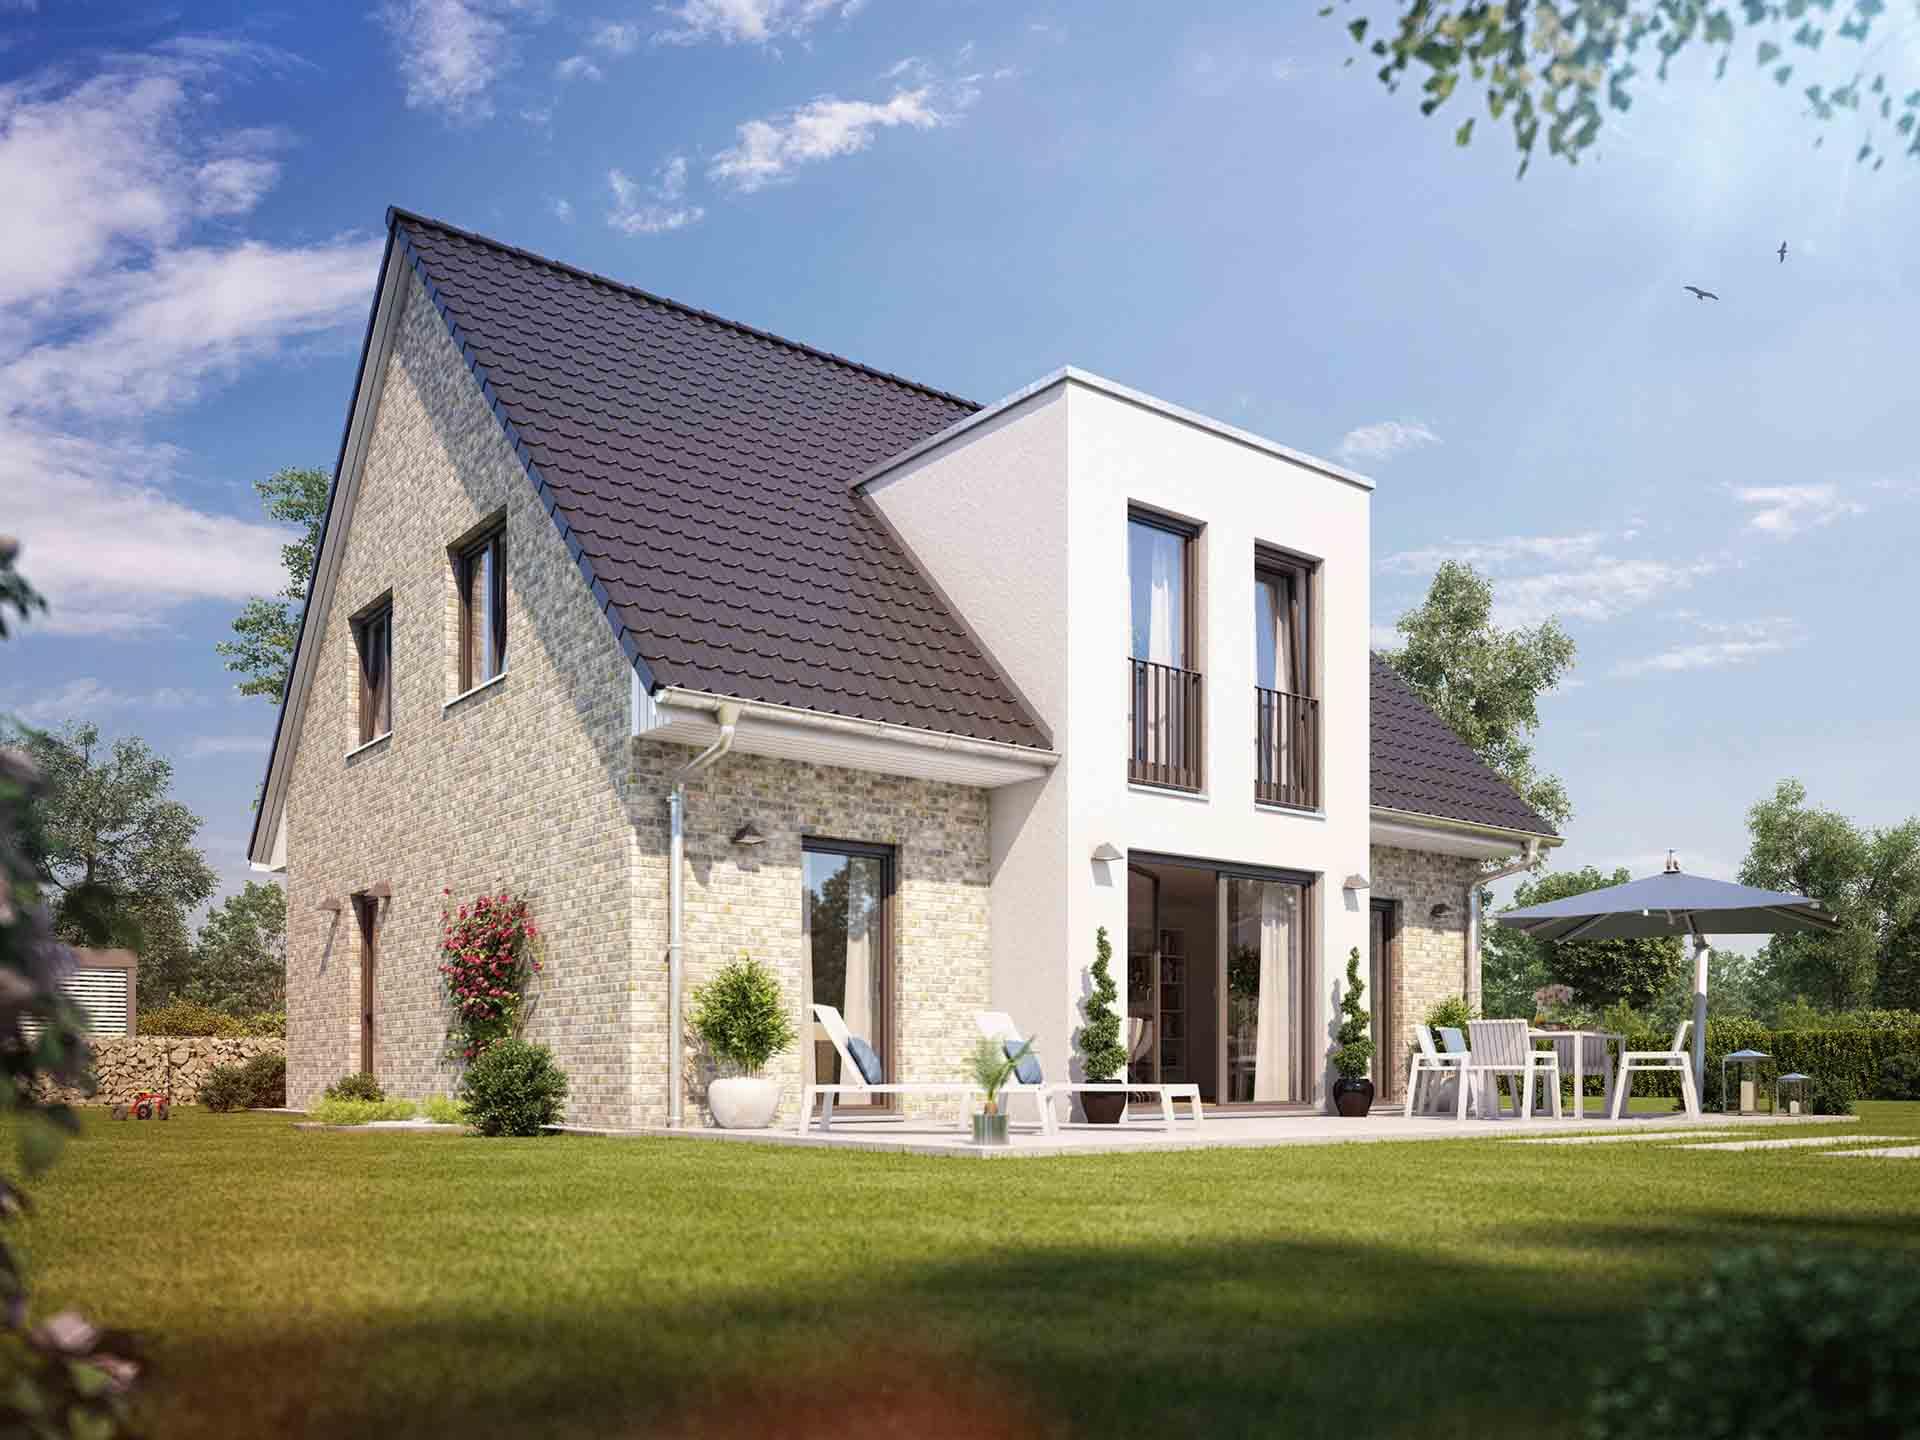 Heinz von Heiden Süddeutschland Einfamilienhaus